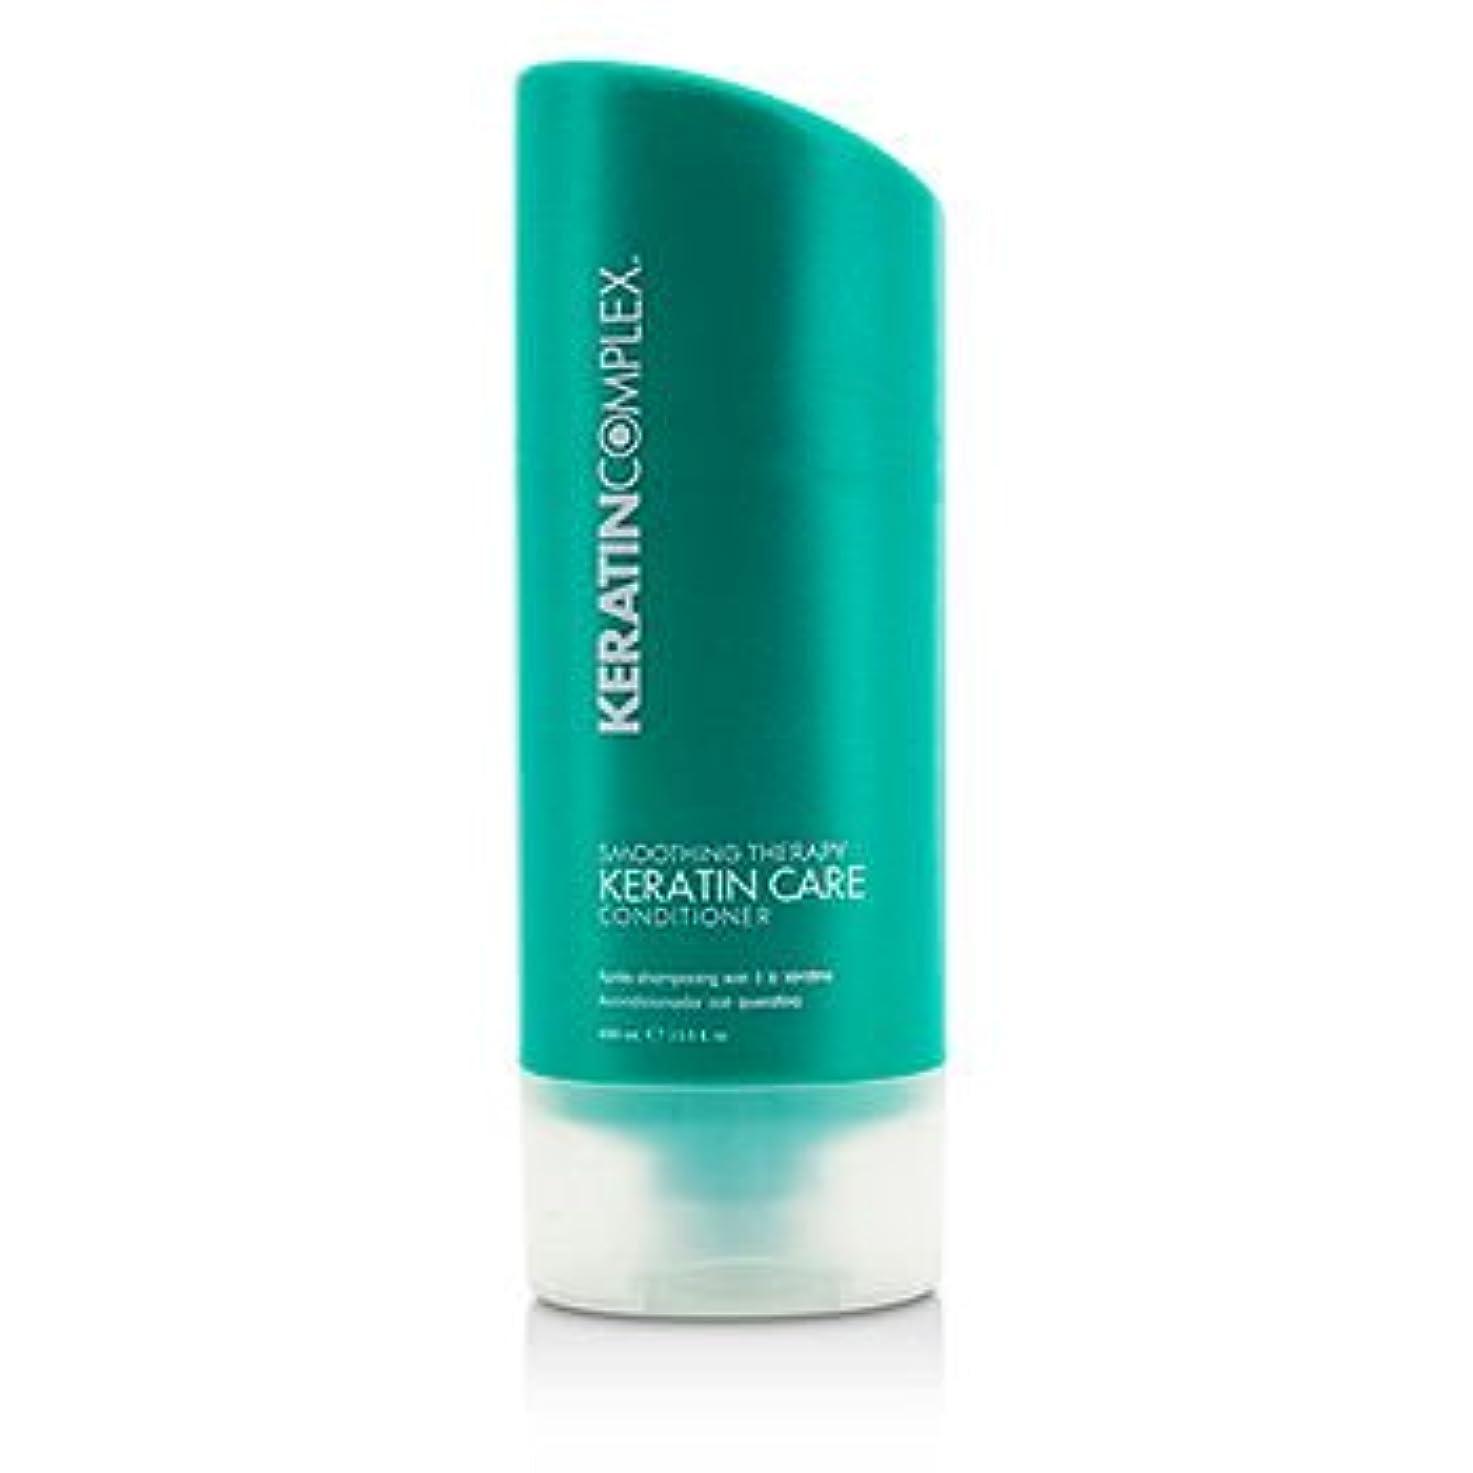 ダルセット管理者鋸歯状[Keratin Complex] Smoothing Therapy Keratin Care Conditioner (For All Hair Types) 400ml/13.5oz